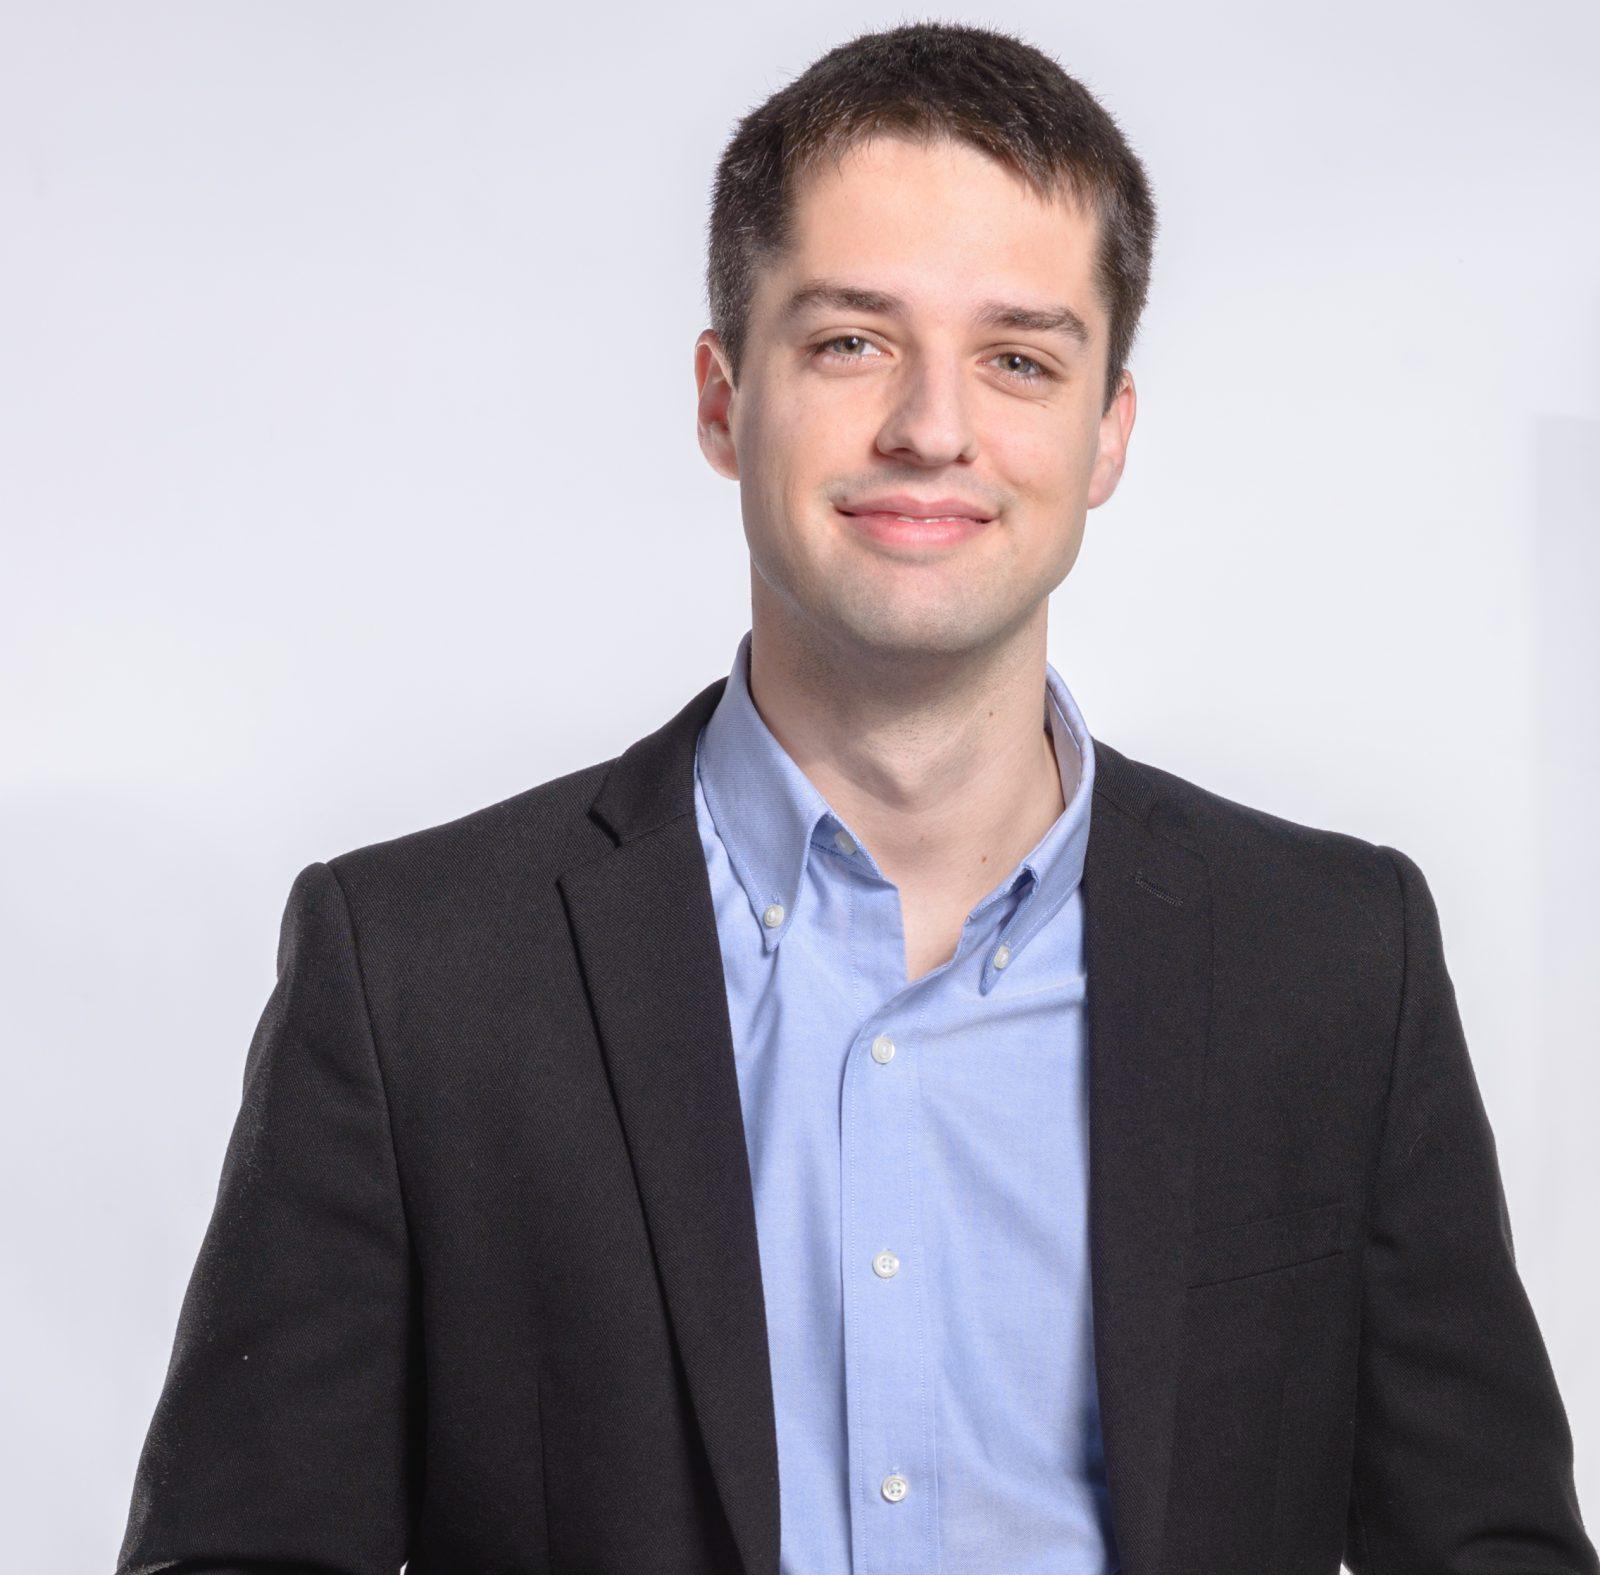 Tourisme Charlevoix: Mitchell Dion hérite d'une association en santé